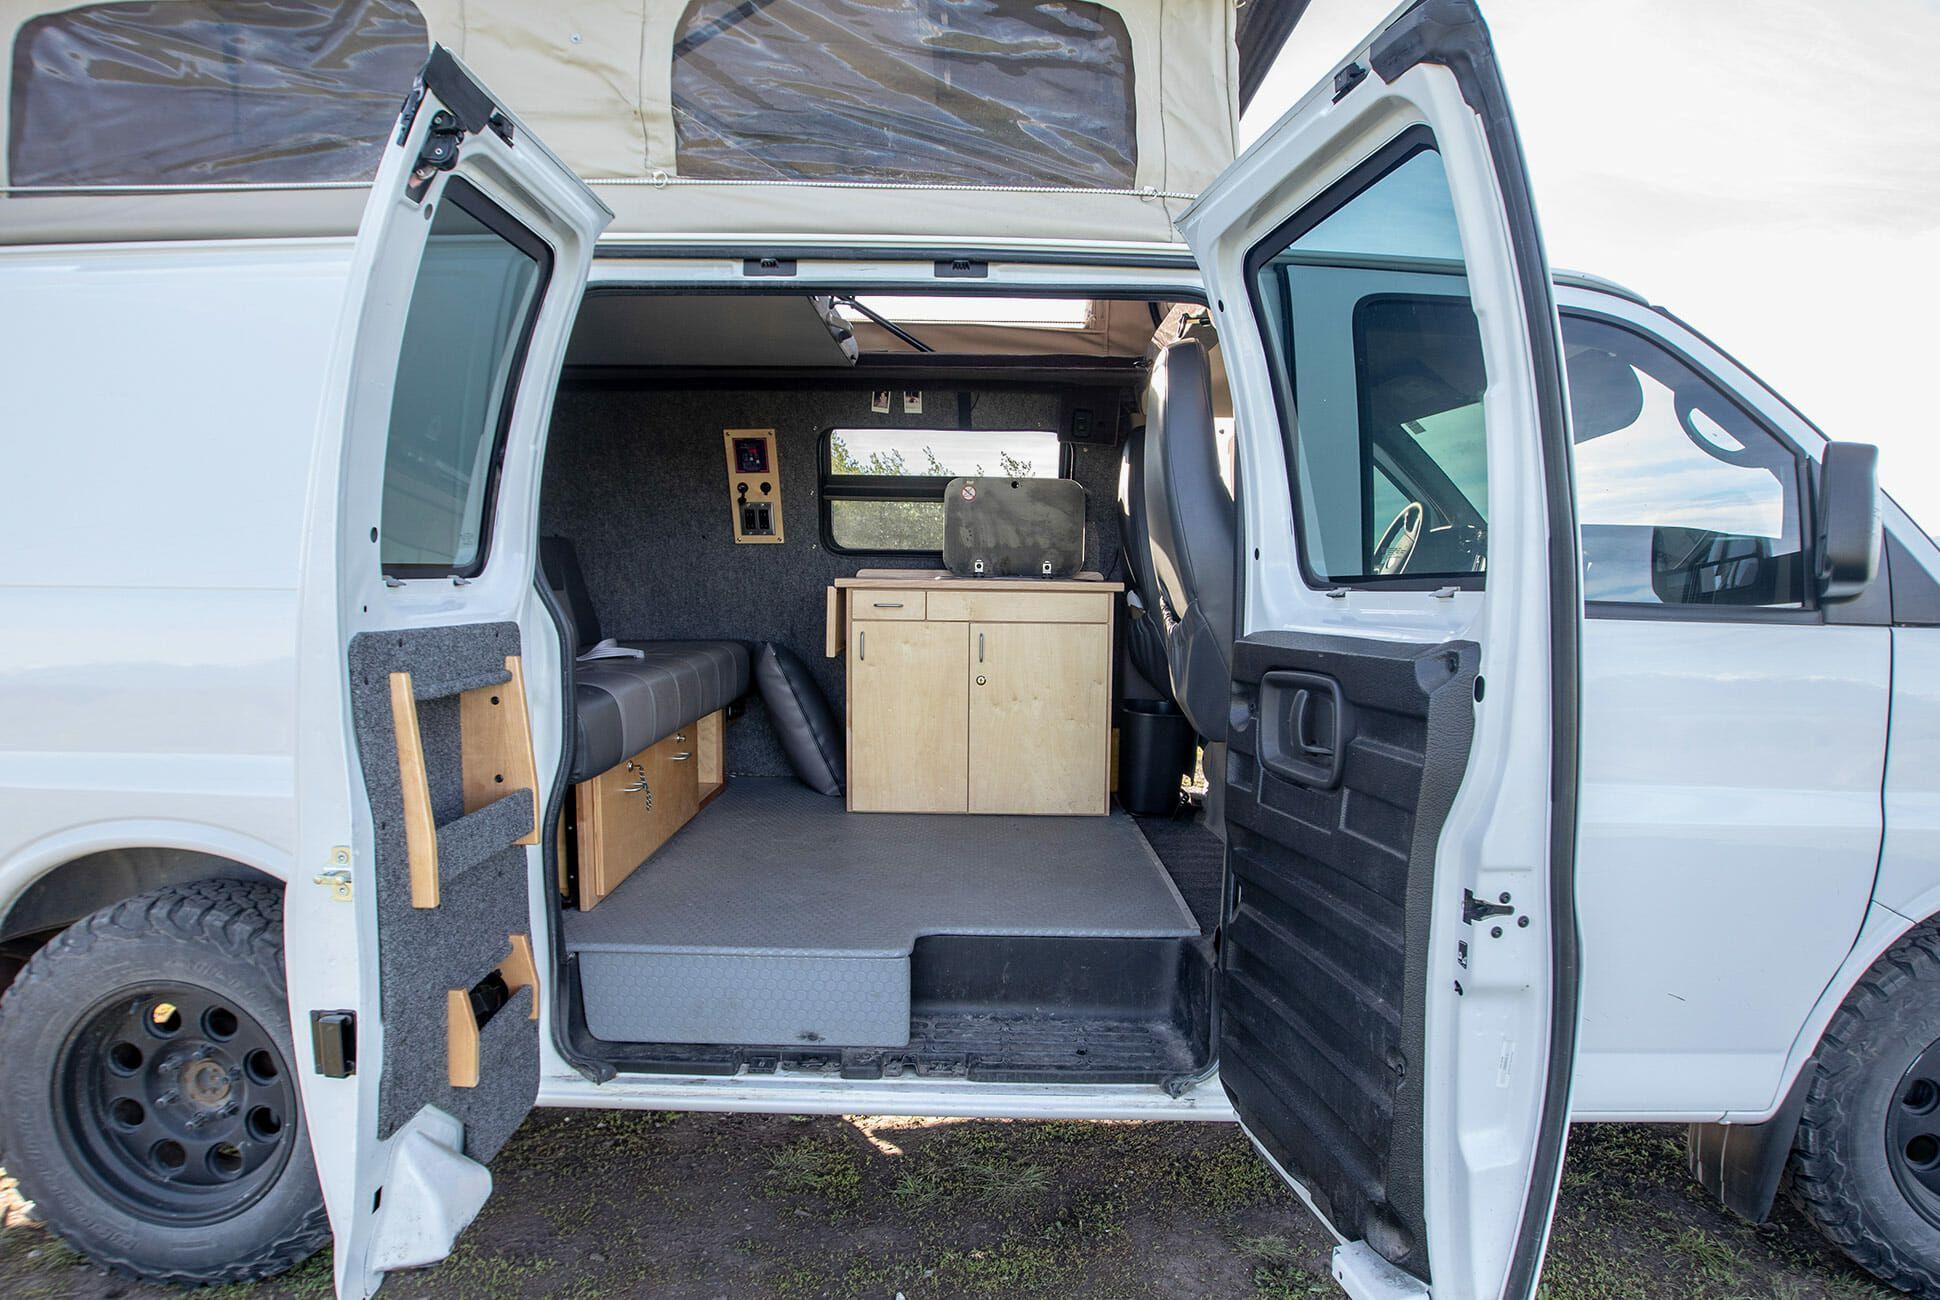 Jimmy-Chin-Chevy-Van-Camper-gear-patrol-slide-3